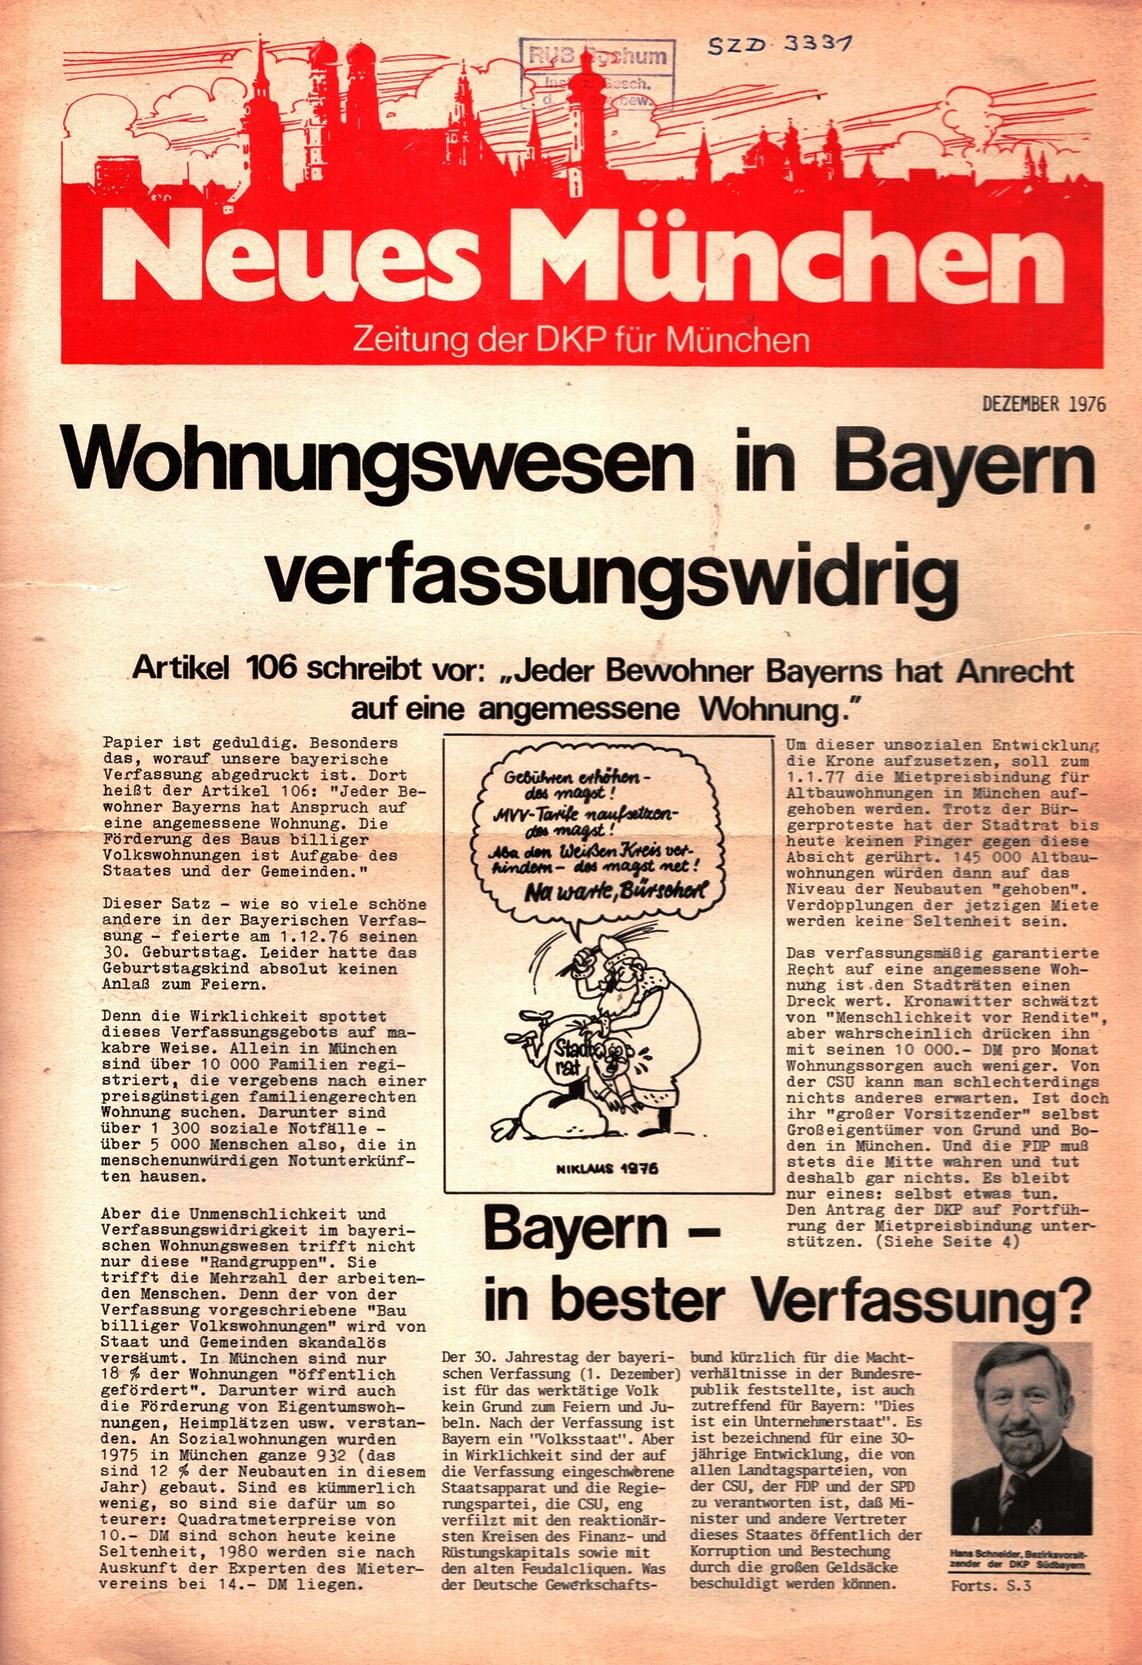 Muenchen_DKP_Neues_Muenchen_19761200_001